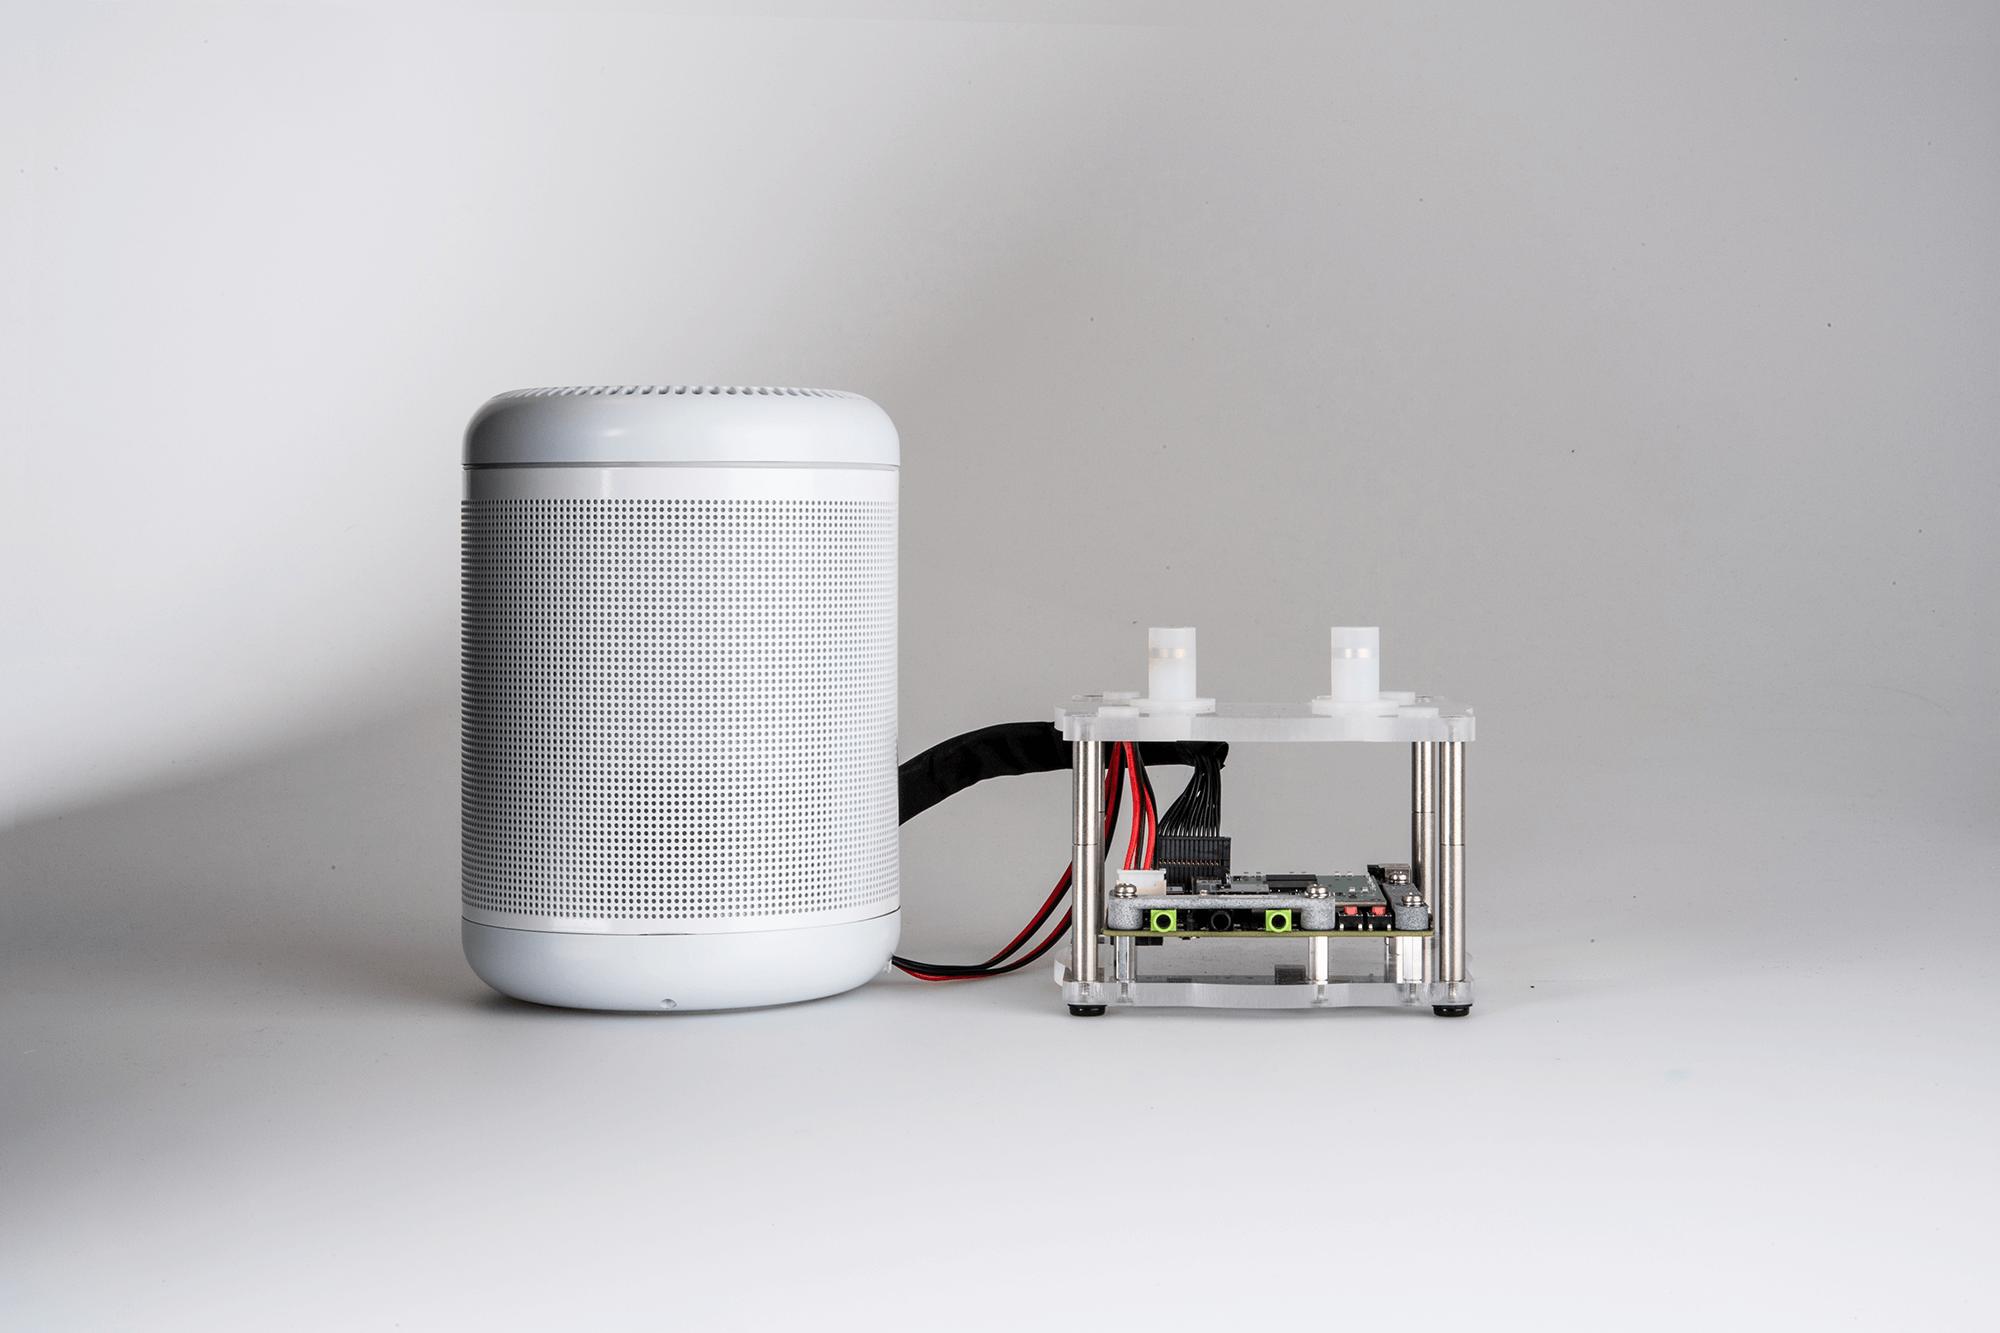 高通推出全新SoC系列和智能音箱专用平台400